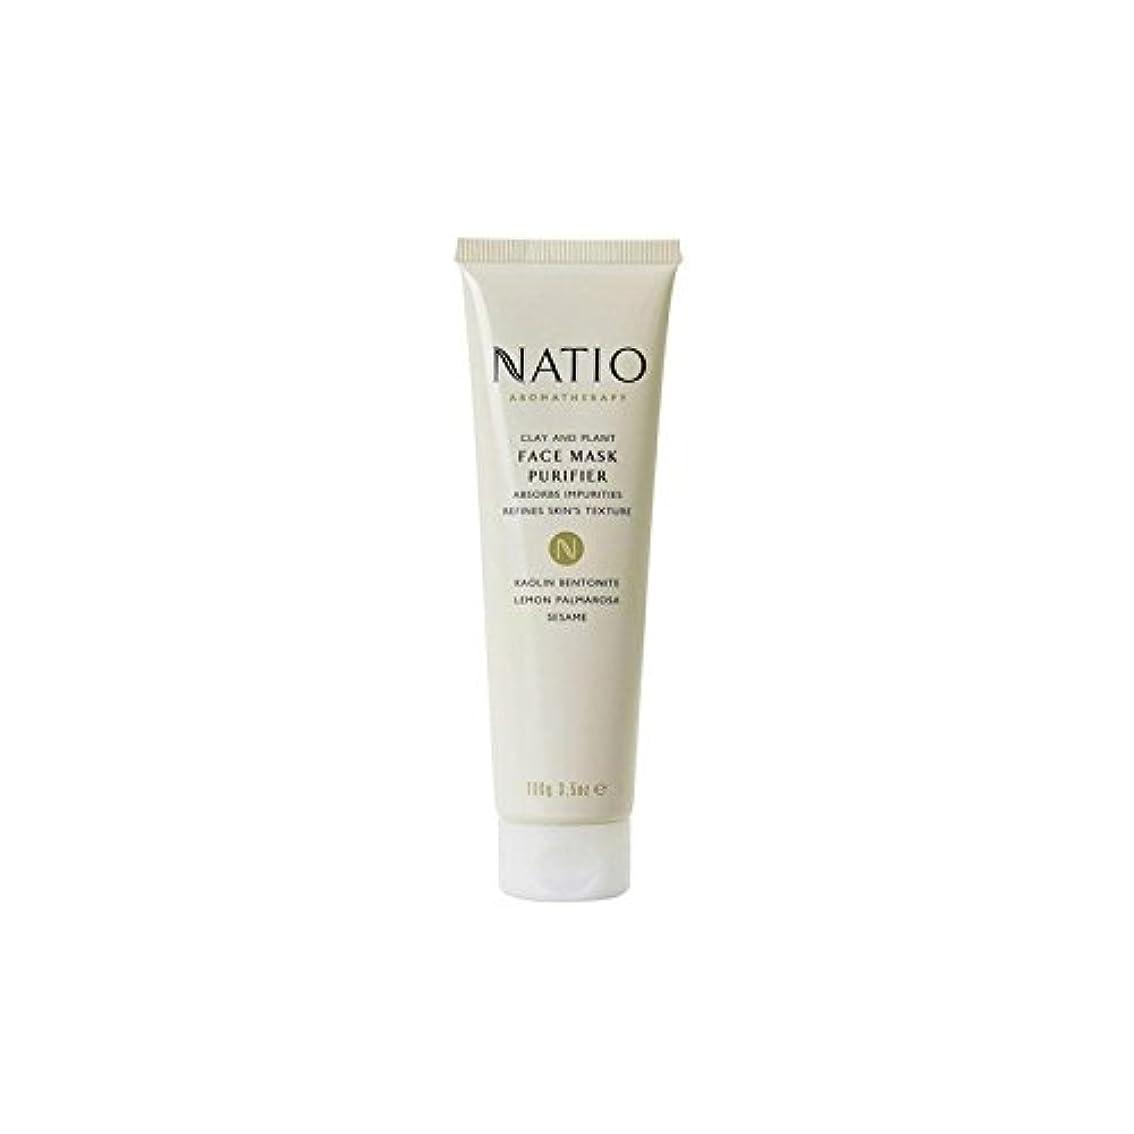 ジュース宿泊施設色合いNatio Clay & Plant Face Mask Purifier (100G) - 粘土&植物フェイスマスクの浄化(100グラム) [並行輸入品]